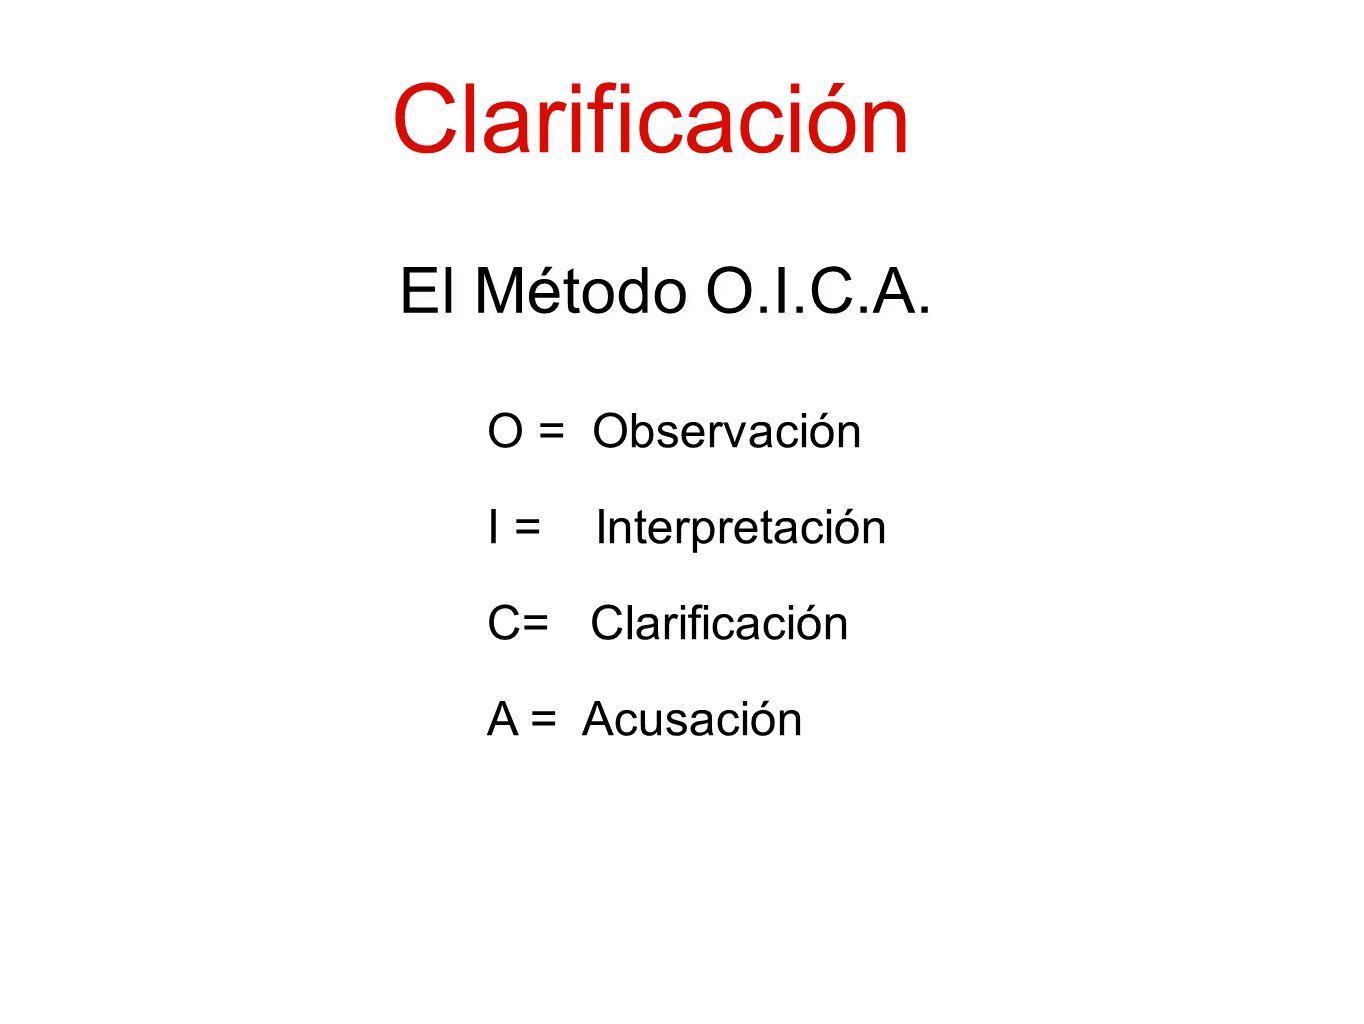 Clarificación O = Observación I = Interpretación A = Acusación El Método O.I.C.A. C= Clarificación